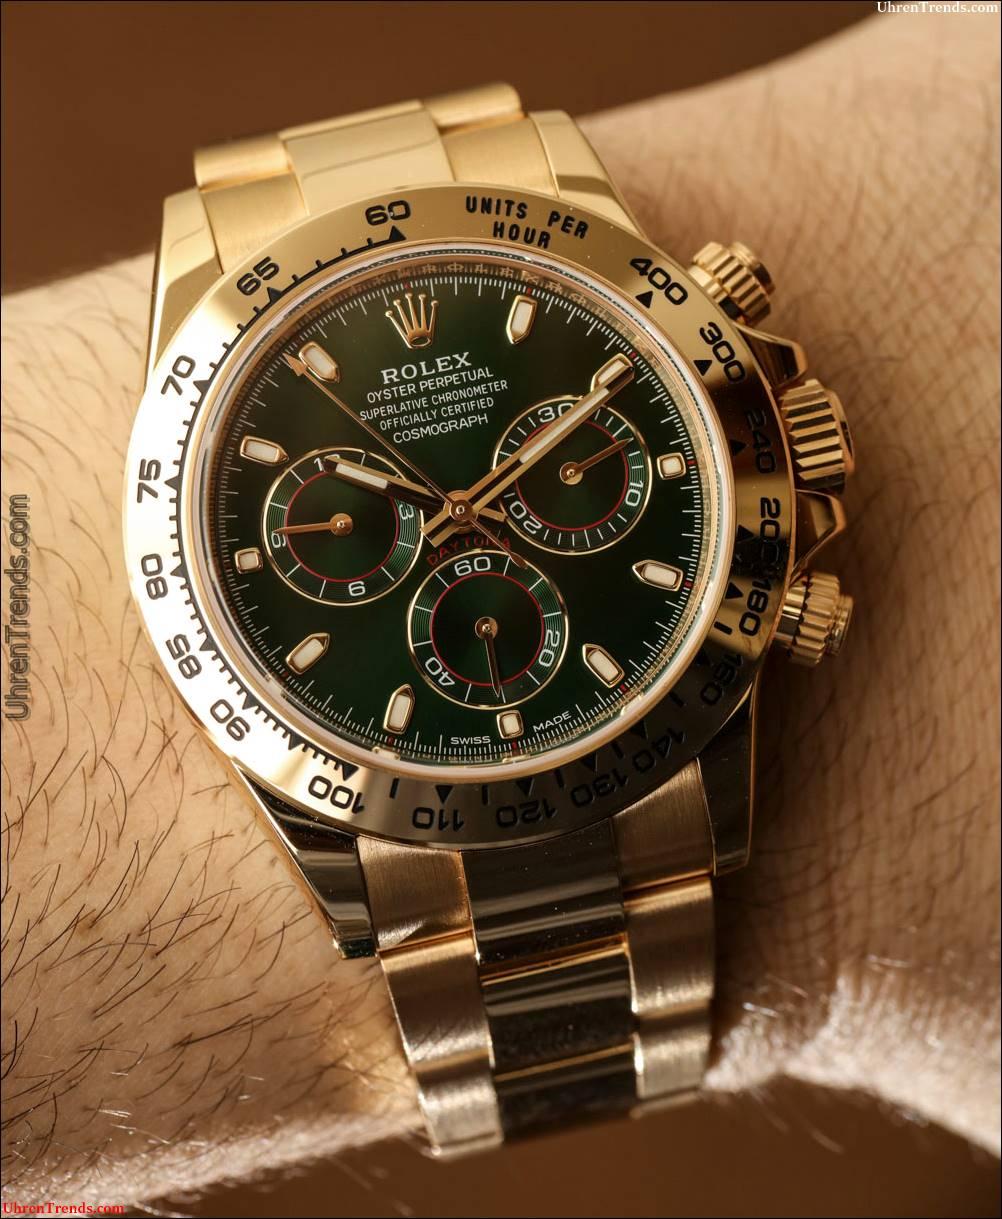 Rolex Cosmograph Daytona 116508 Grün Zifferblatt 18 Karat Gelbgold Uhr Hands-On